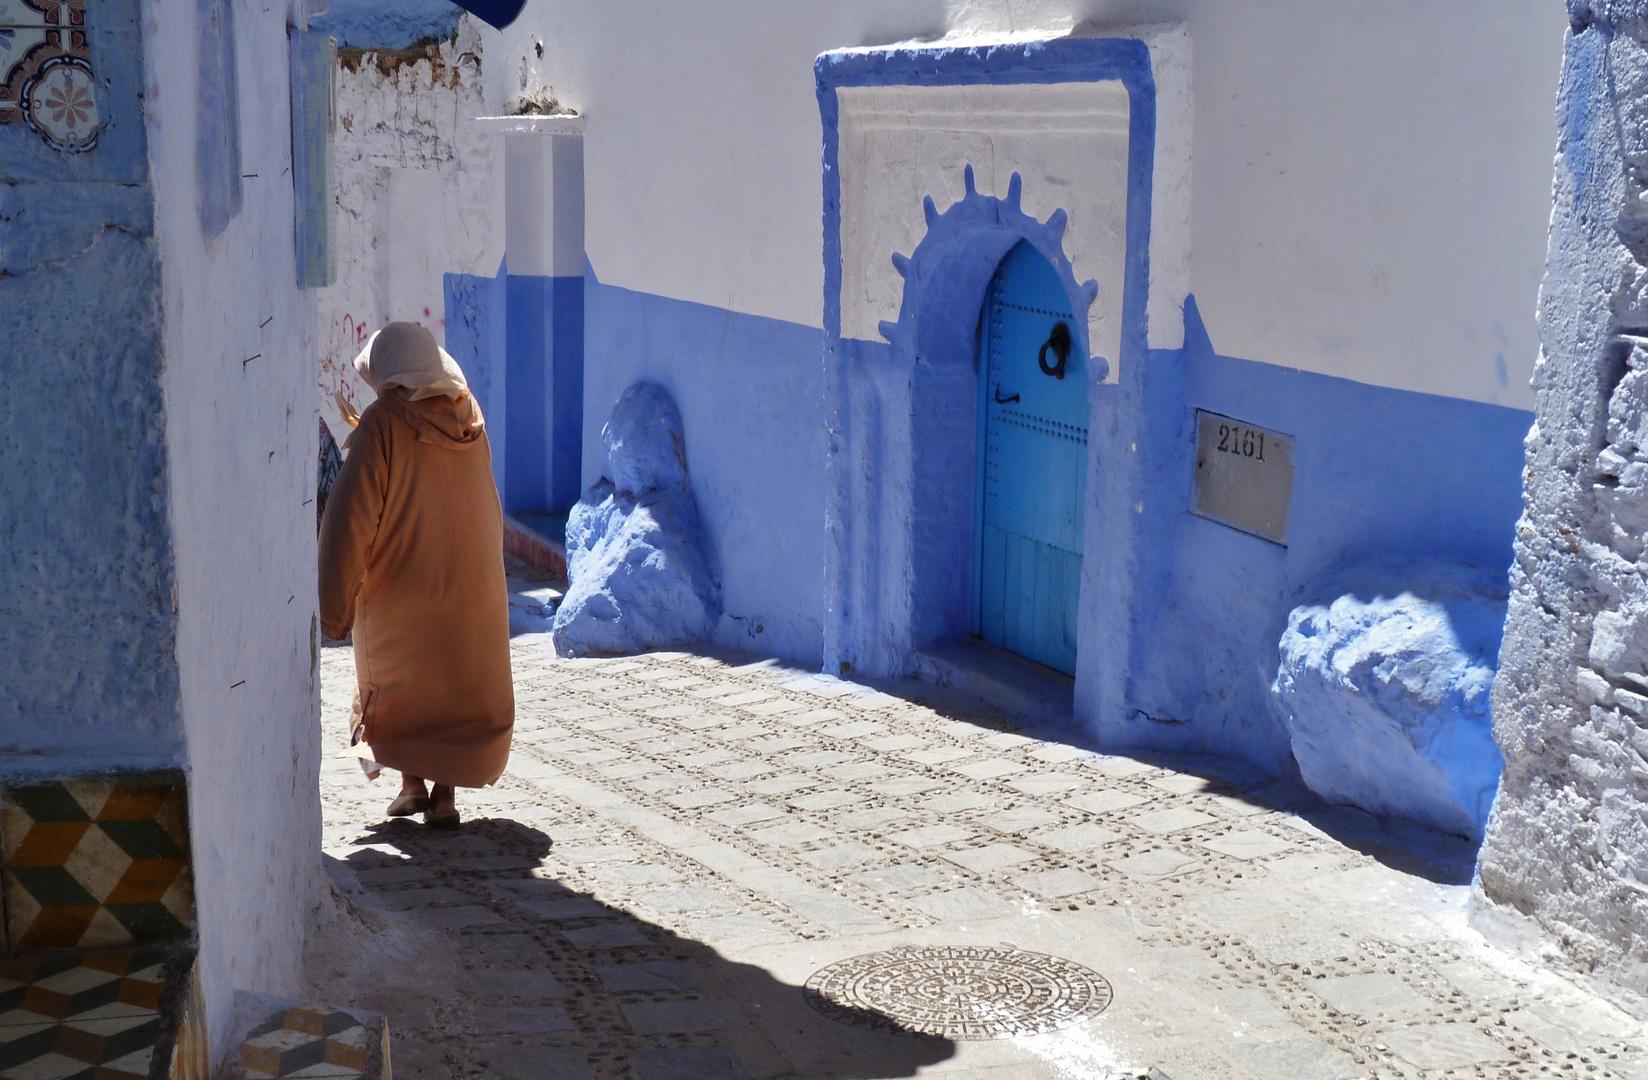 In der blau-weißen Stadt